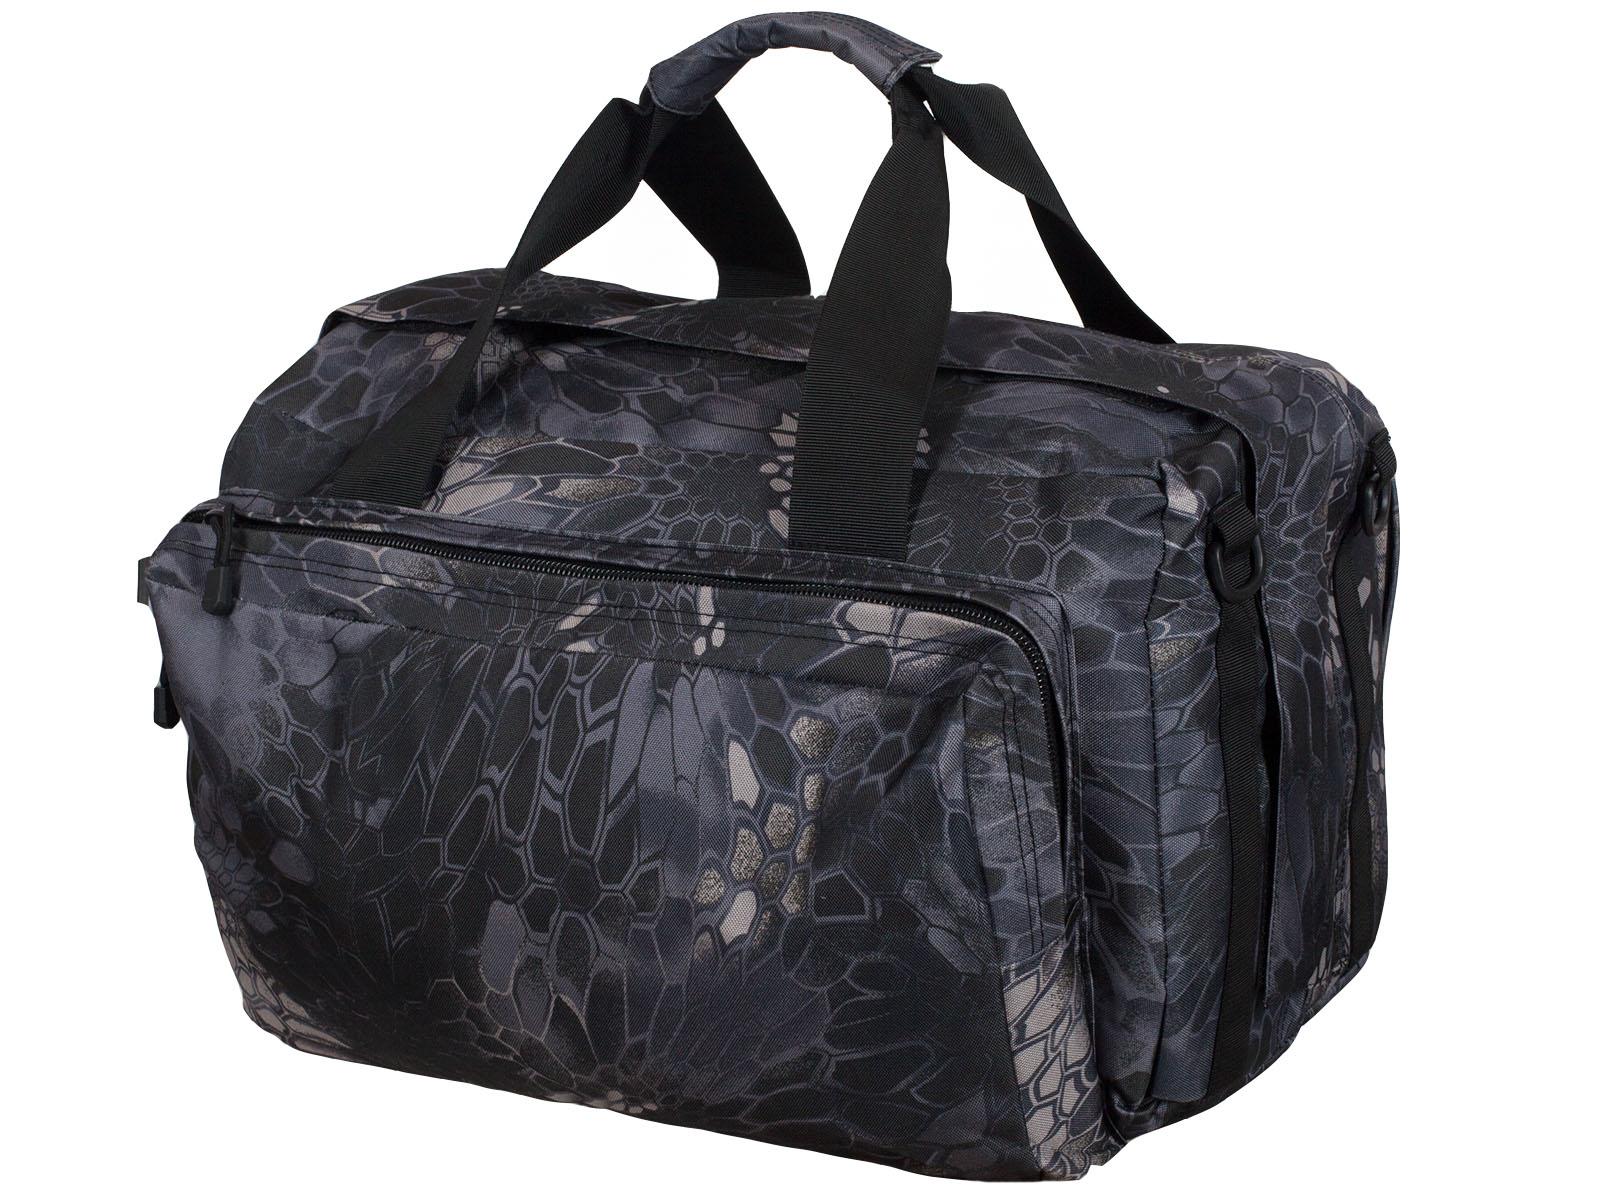 Заказать онлайн по низкой цене мужские дорожные сумки